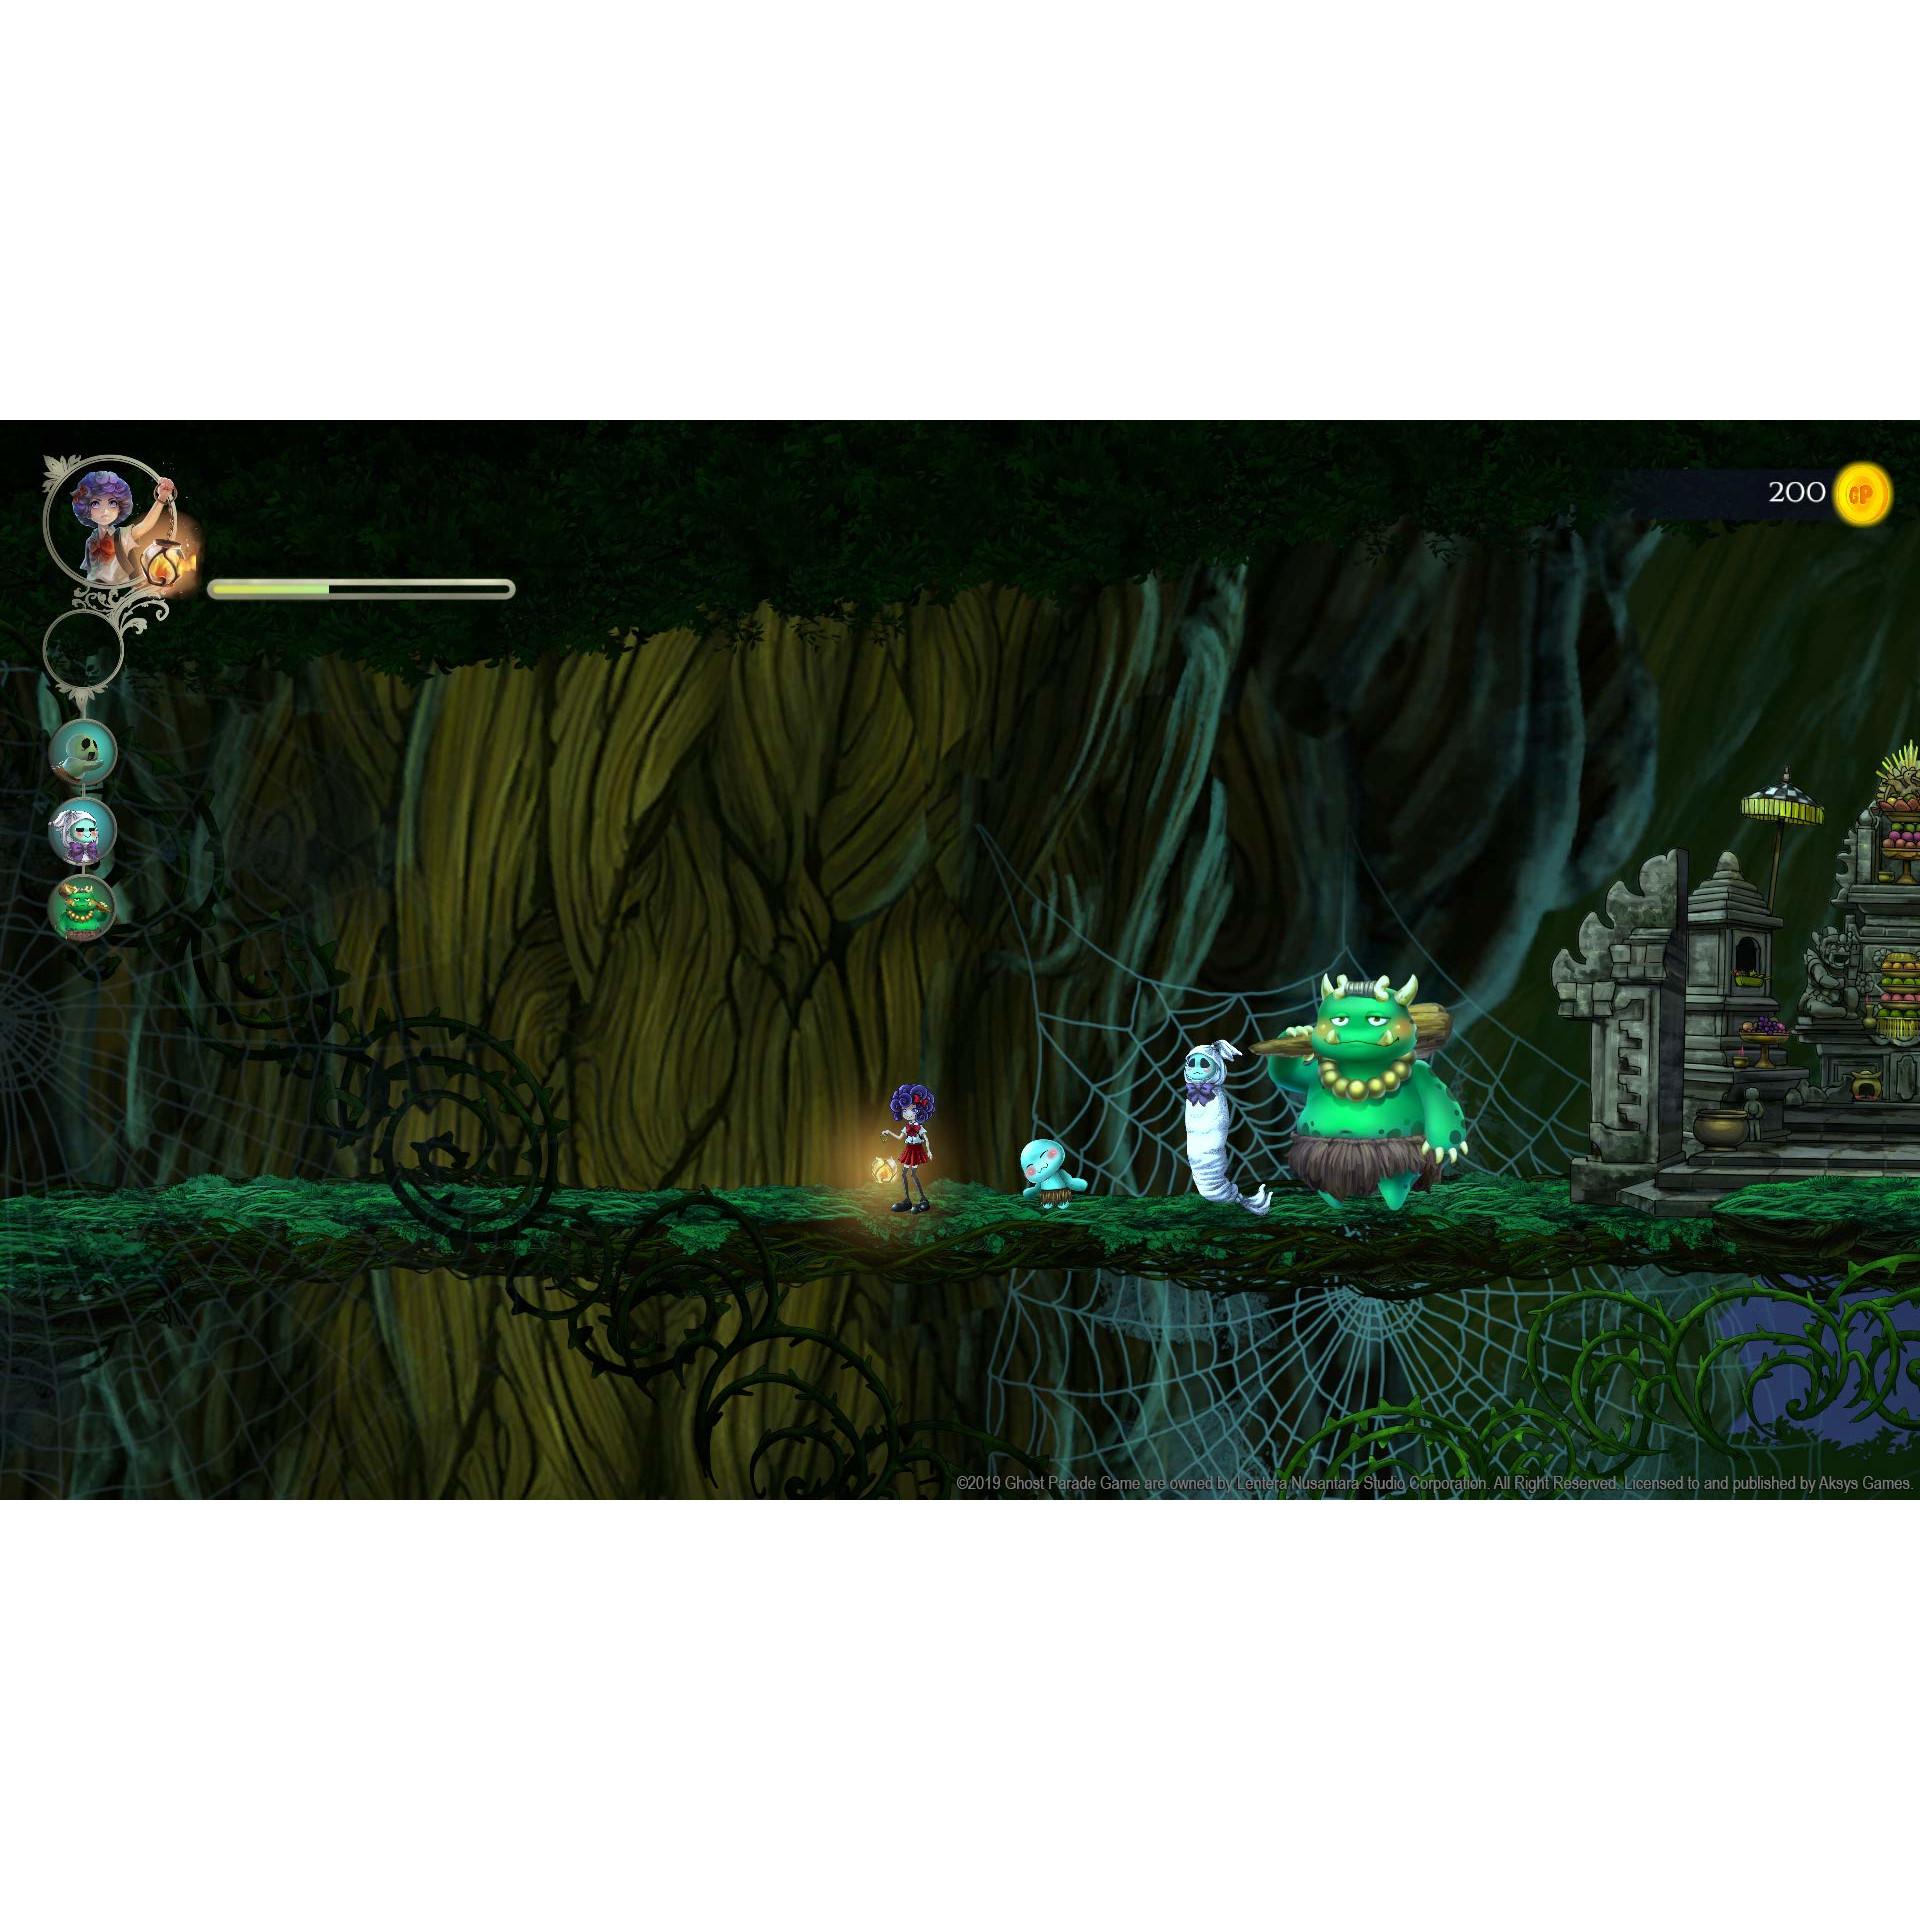 Joc Ghost Parade Pentru Nintendo Switch 1